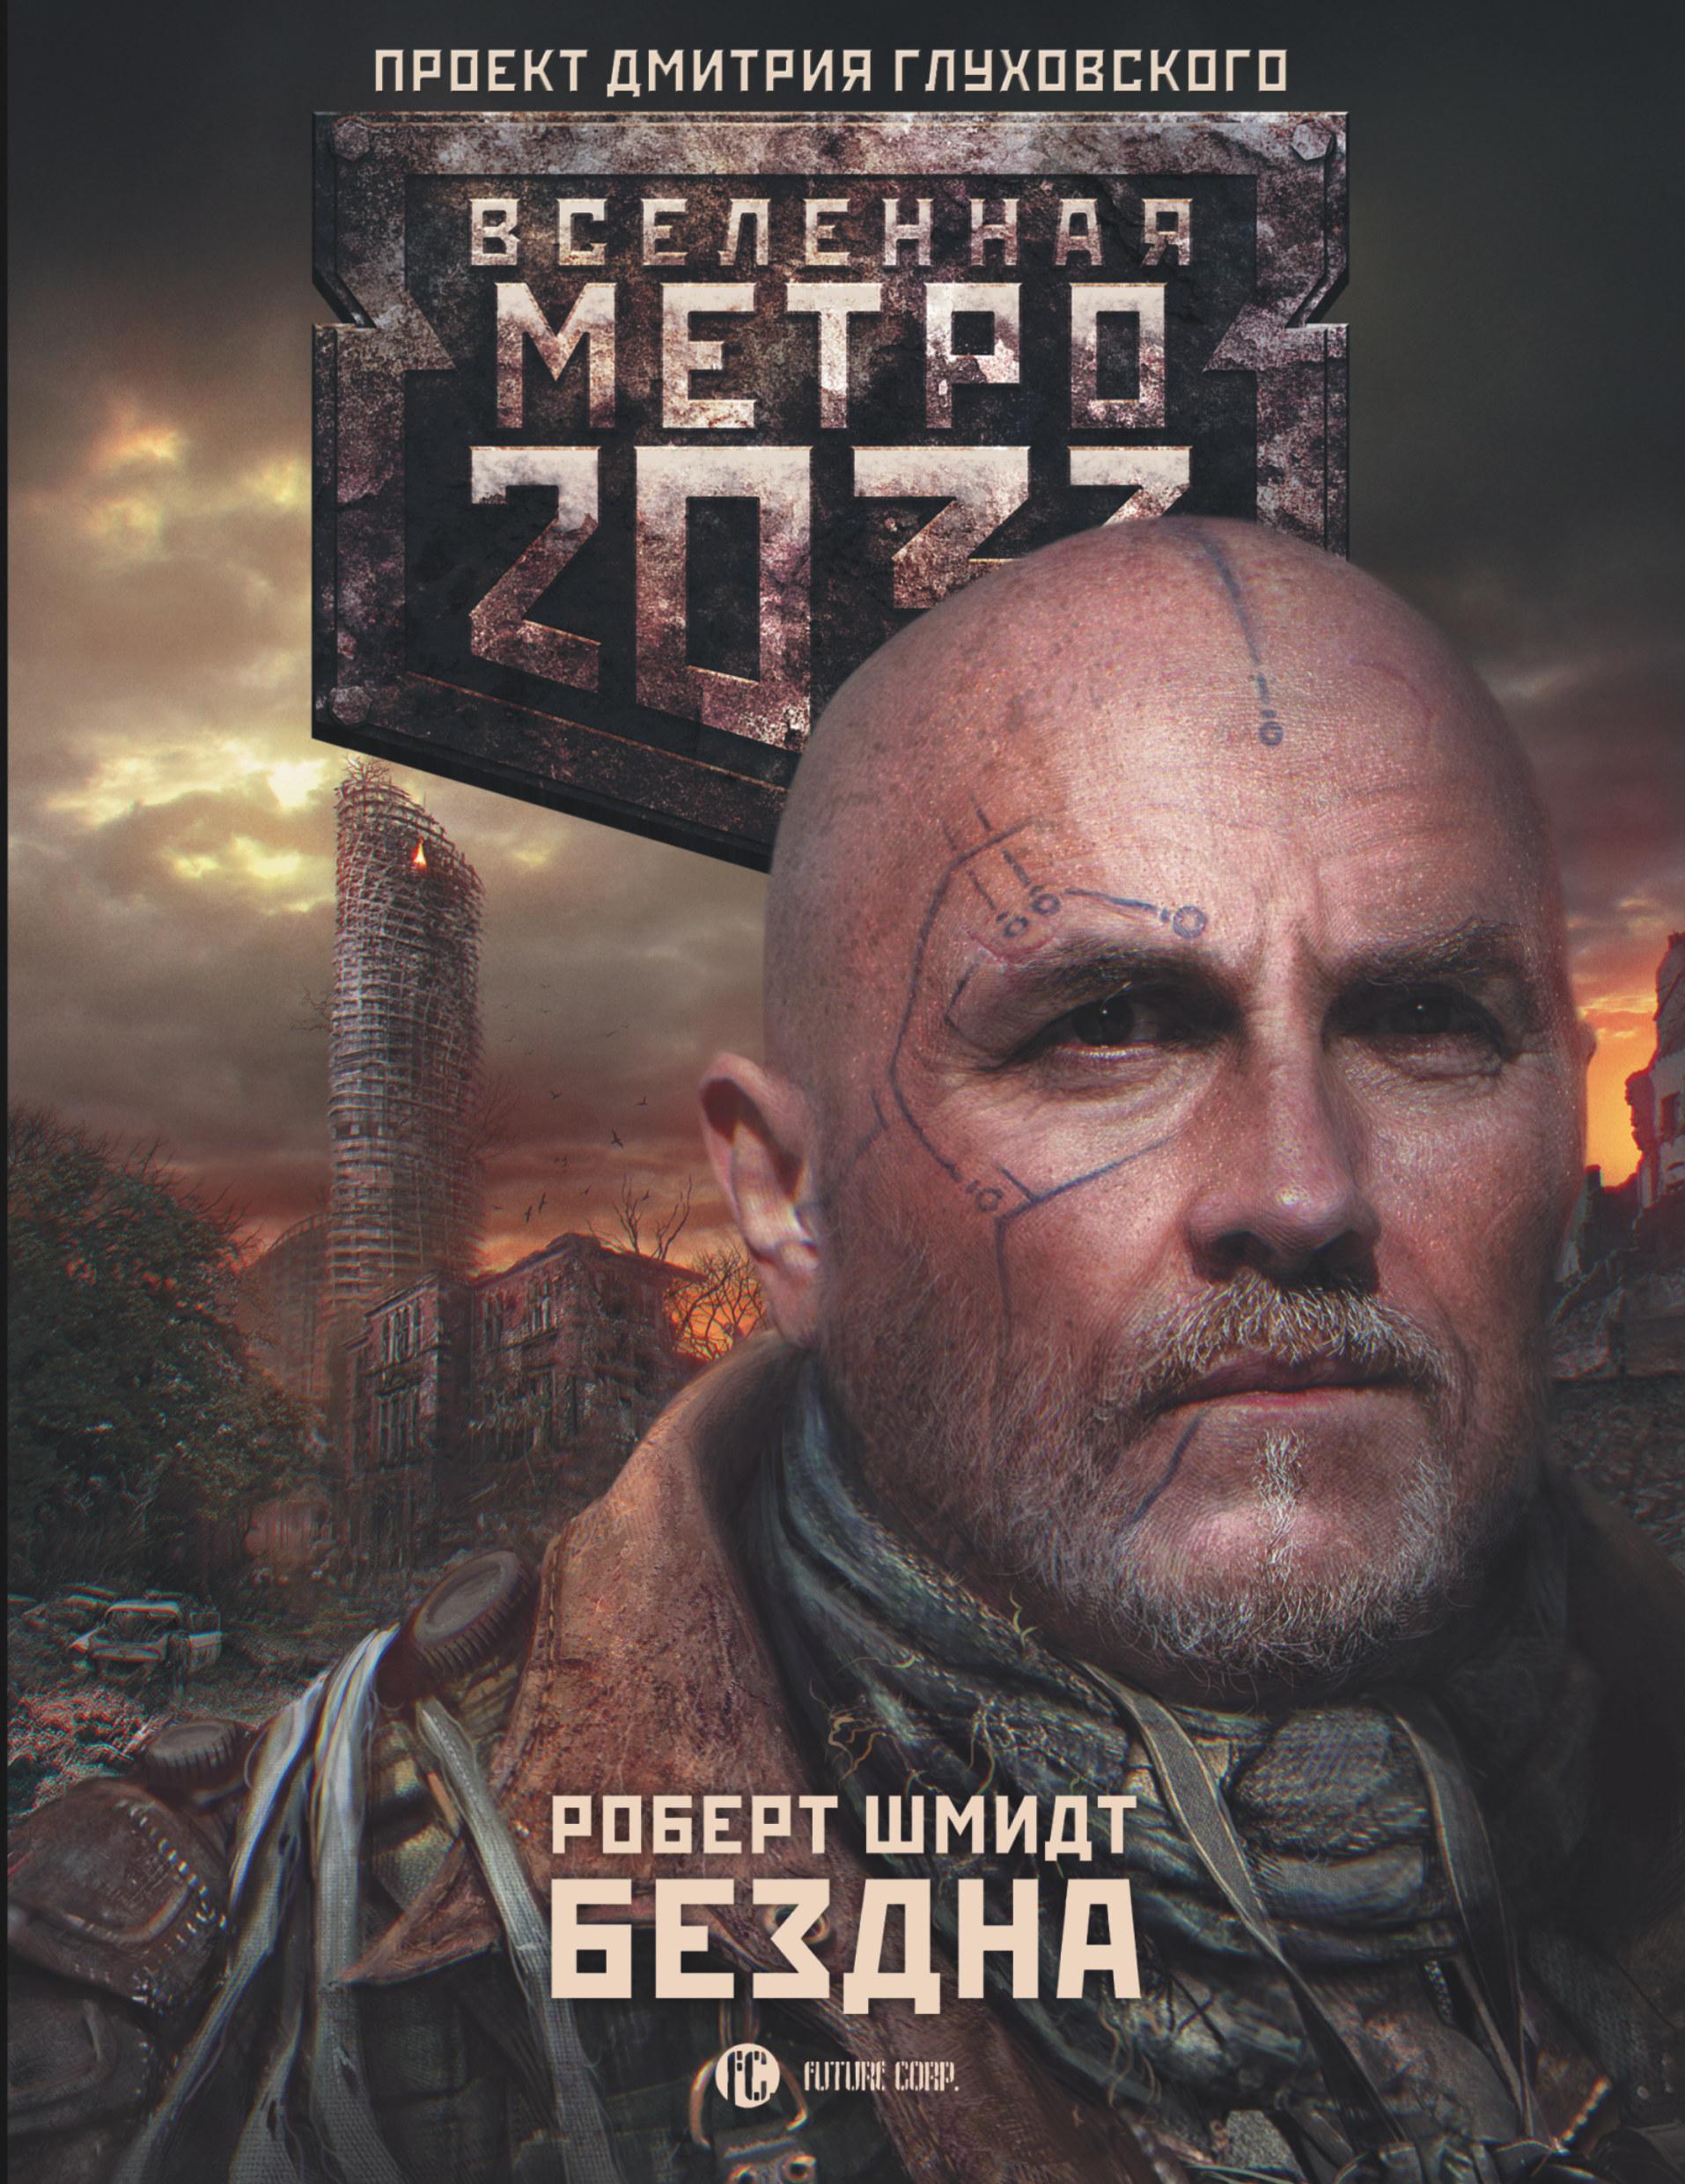 Метро 2033: Бездна. Роберт Шмидт